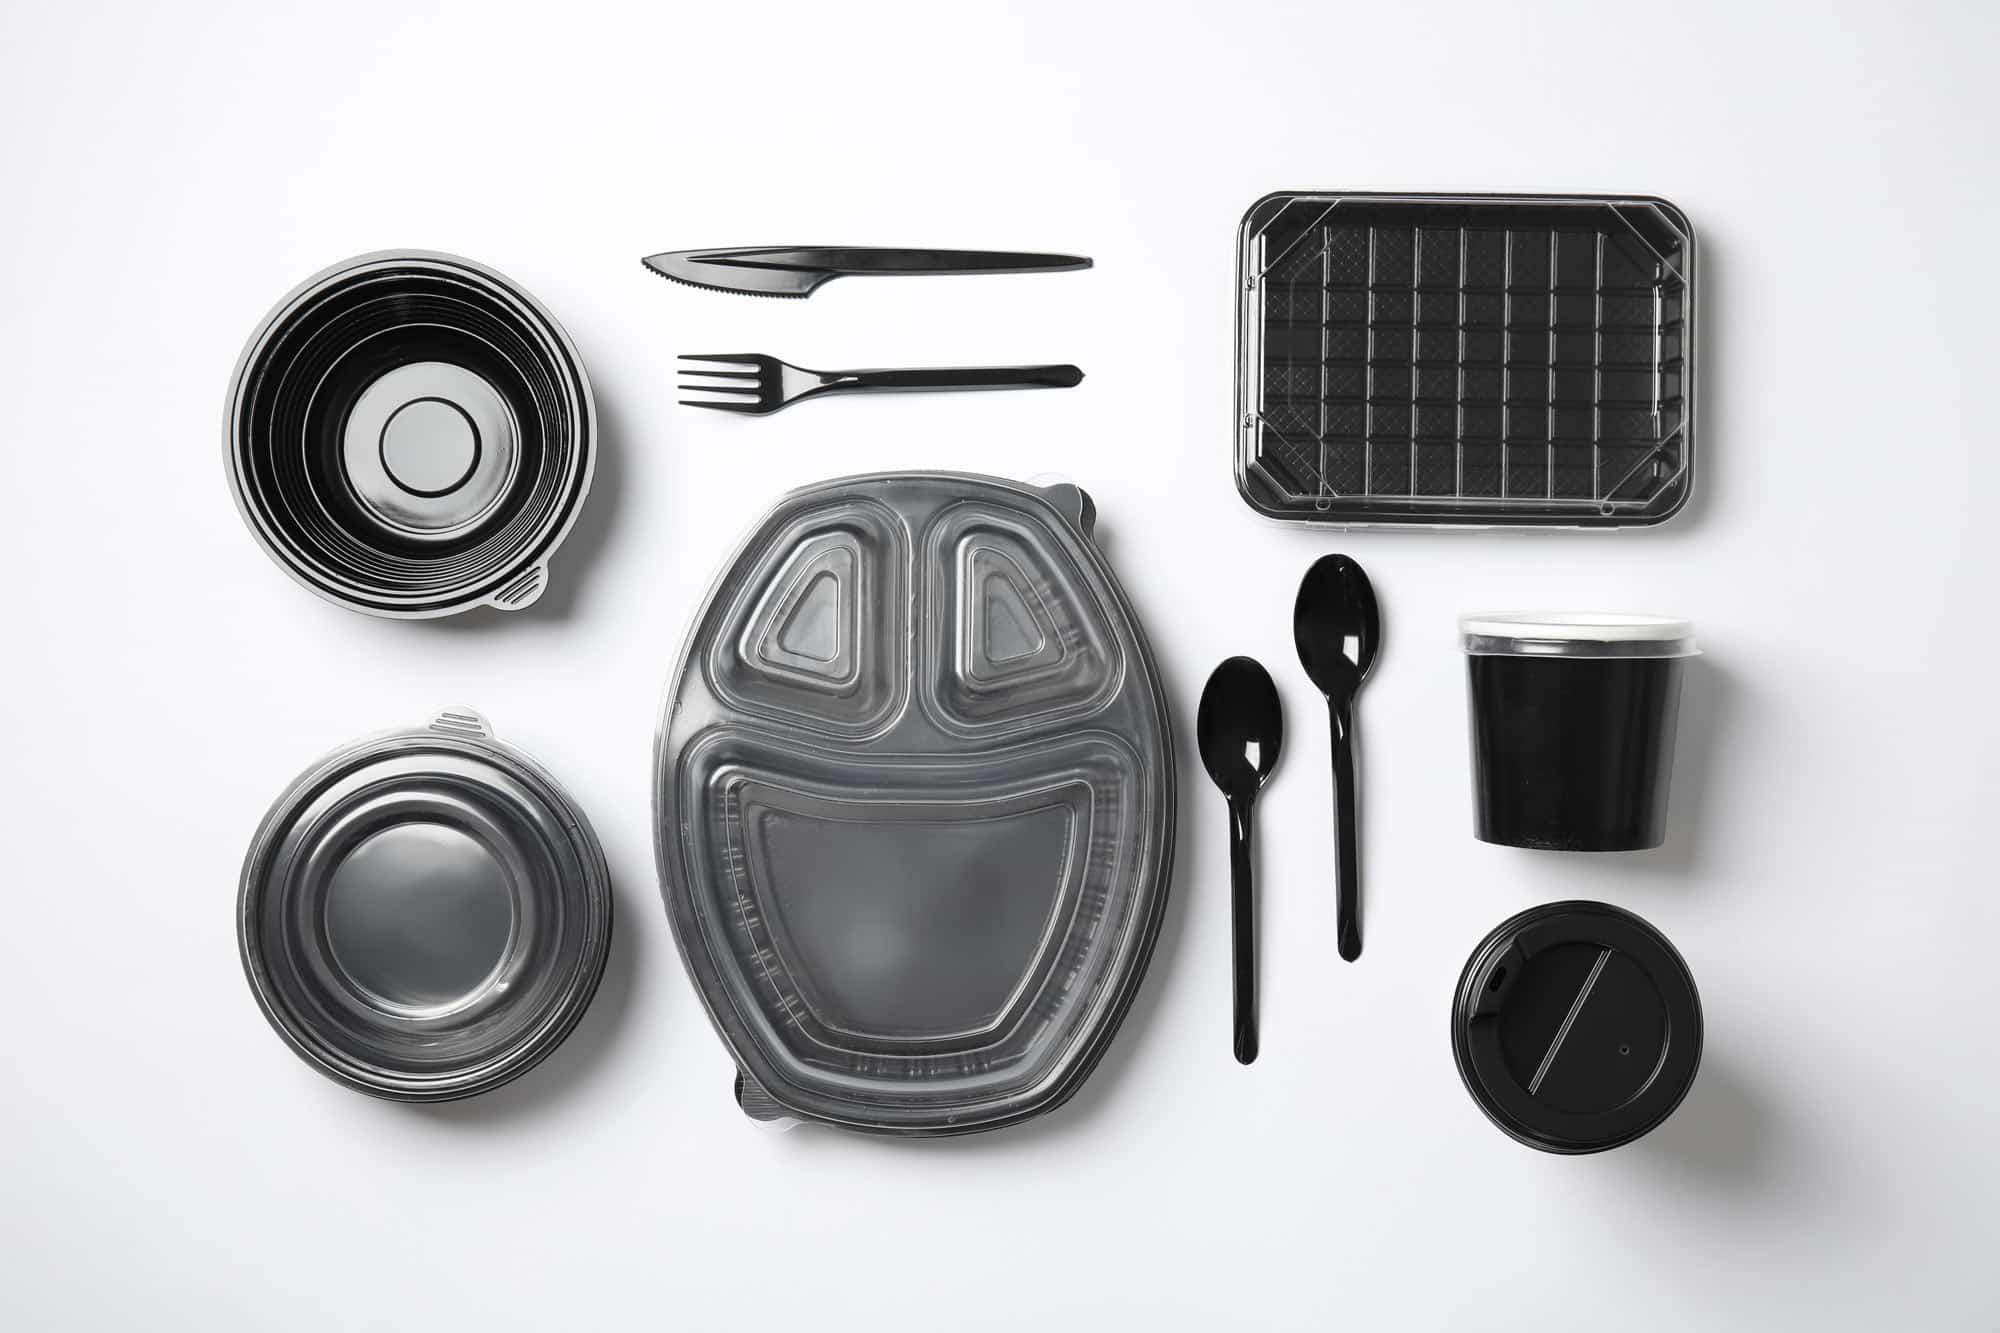 Verpackungen, wie Besteck und To-Go-Becher, aus schwarzem Plastik